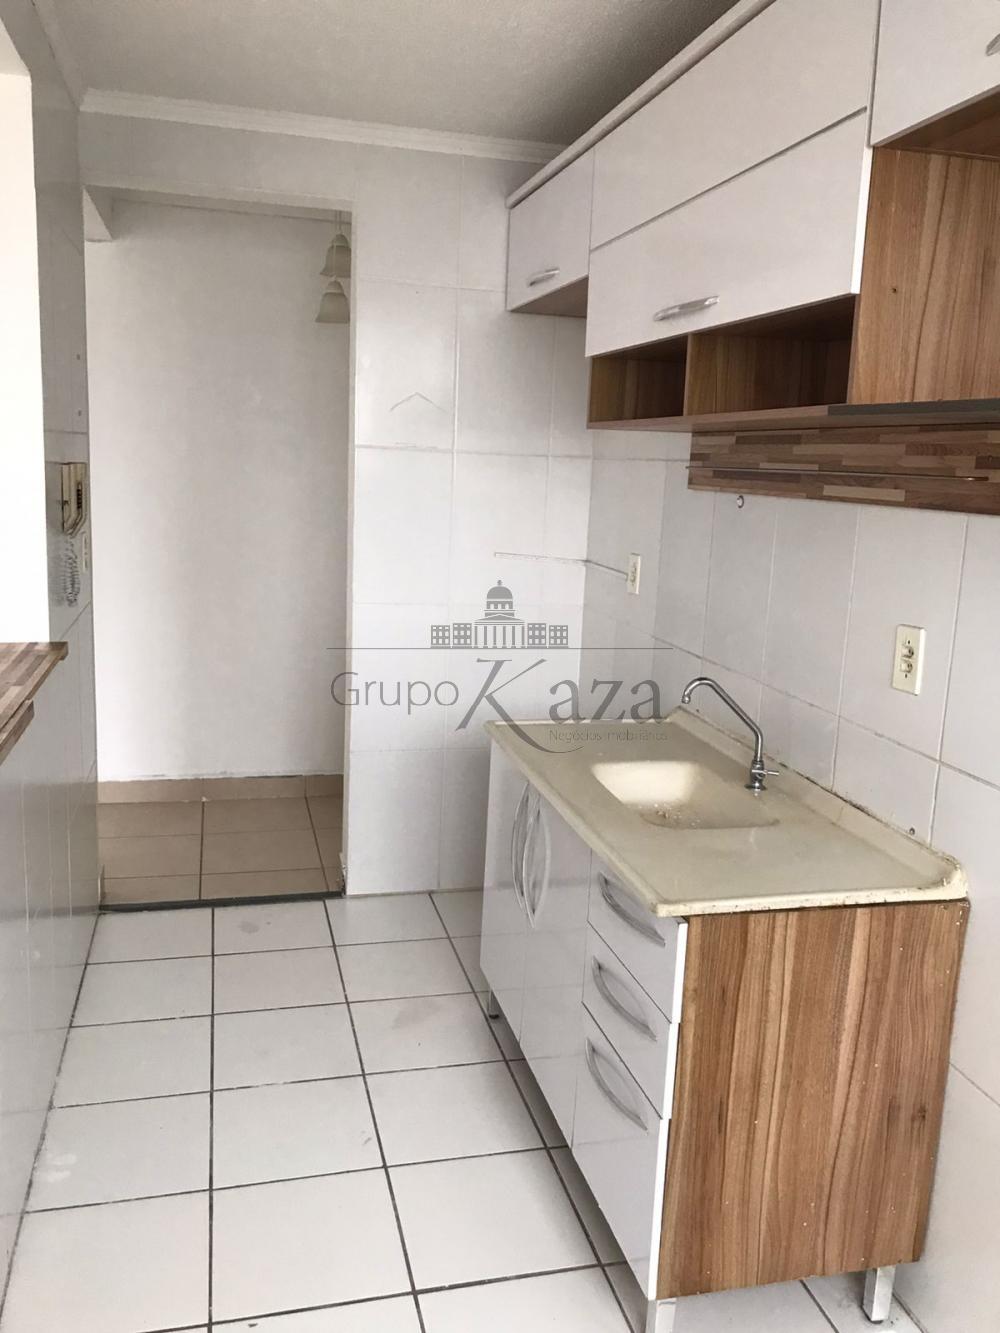 alt='Comprar Apartamento / Padrão em São José dos Campos R$ 171.000,00 - Foto 5' title='Comprar Apartamento / Padrão em São José dos Campos R$ 171.000,00 - Foto 5'